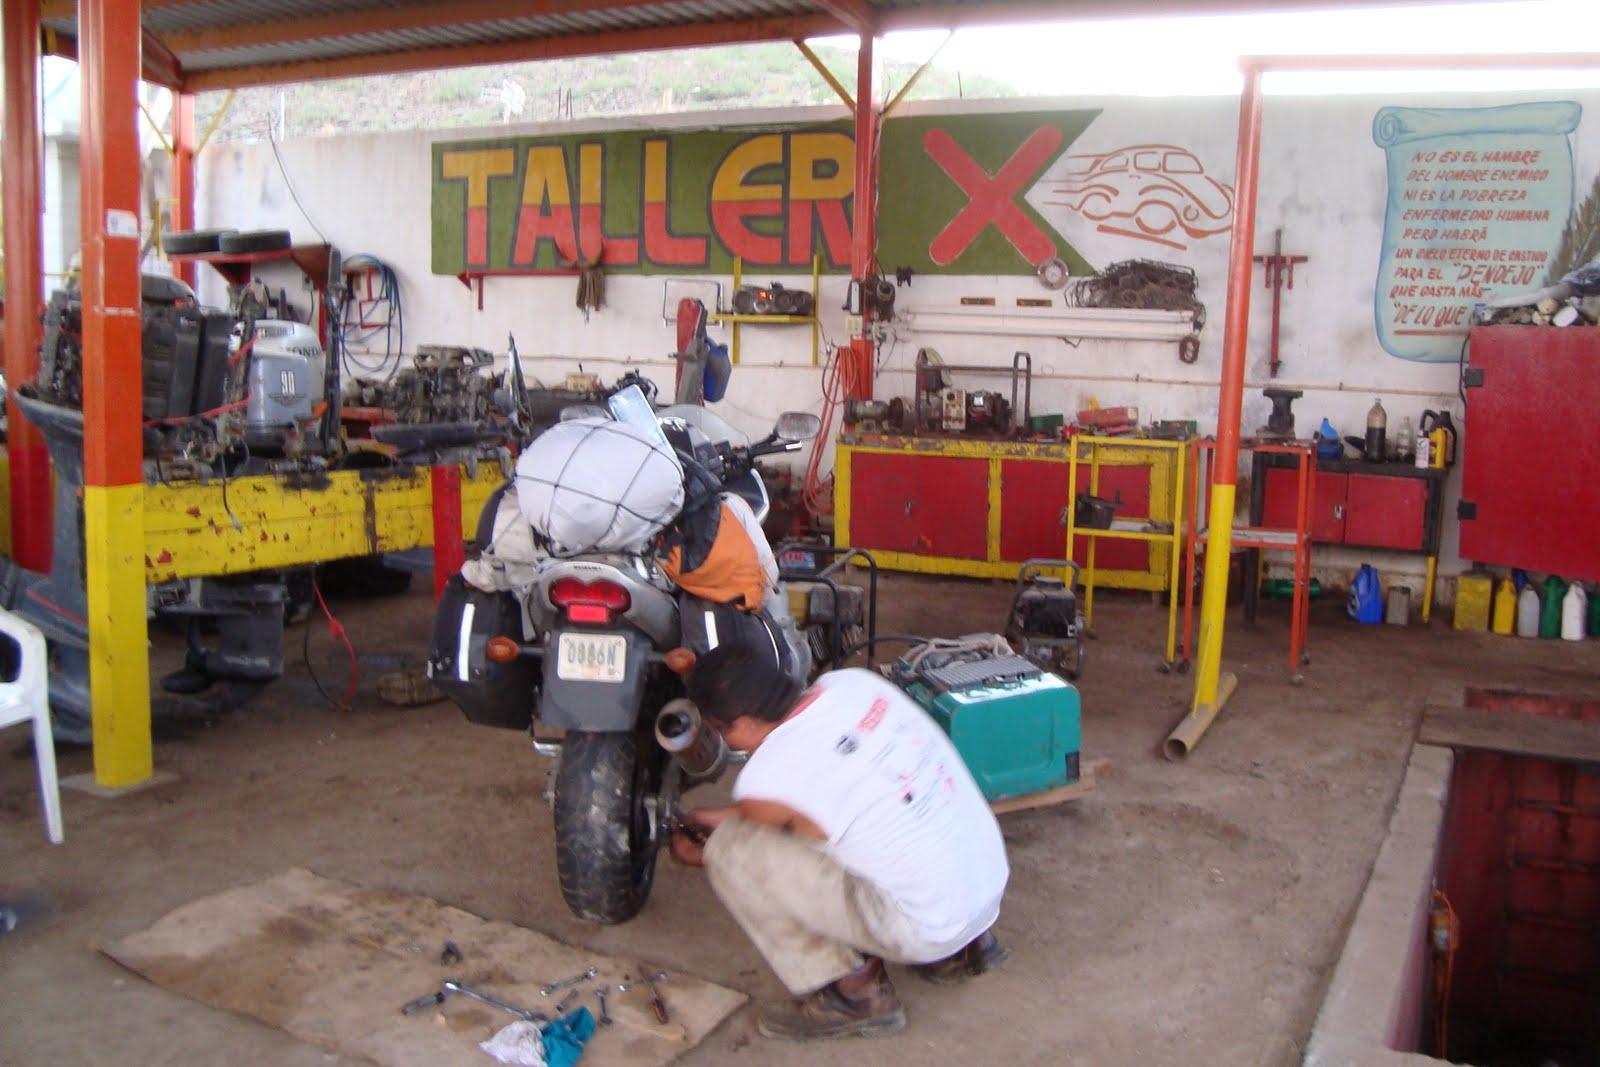 http://2.bp.blogspot.com/_YQ9B1EOwPrw/TFs-M2RJb5I/AAAAAAAAAGA/PdcdcVuKYpg/s1600/18-Baja+California+%2814%29.JPG